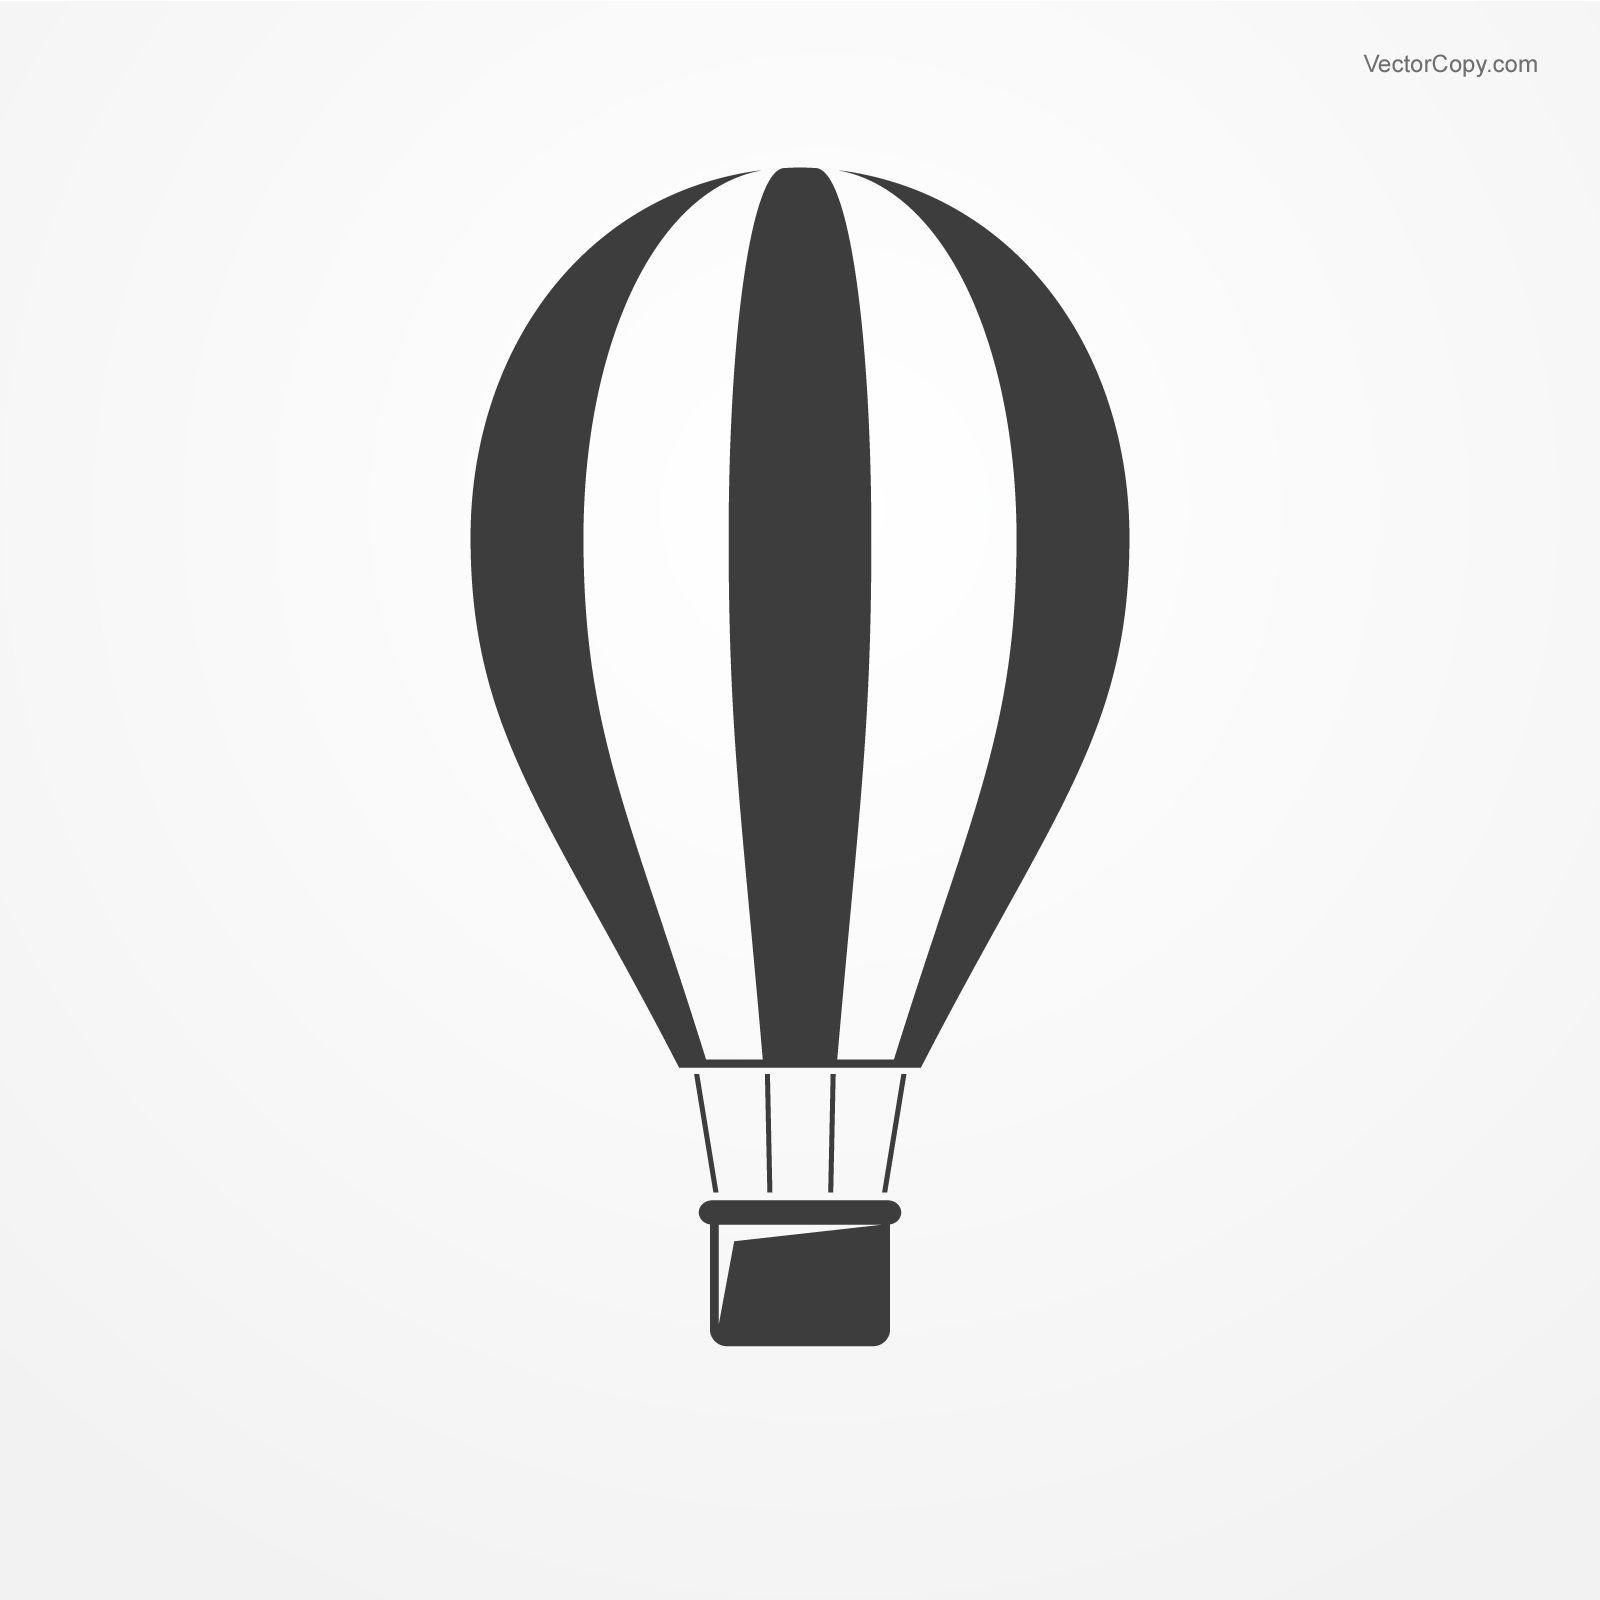 Balloon Clipart